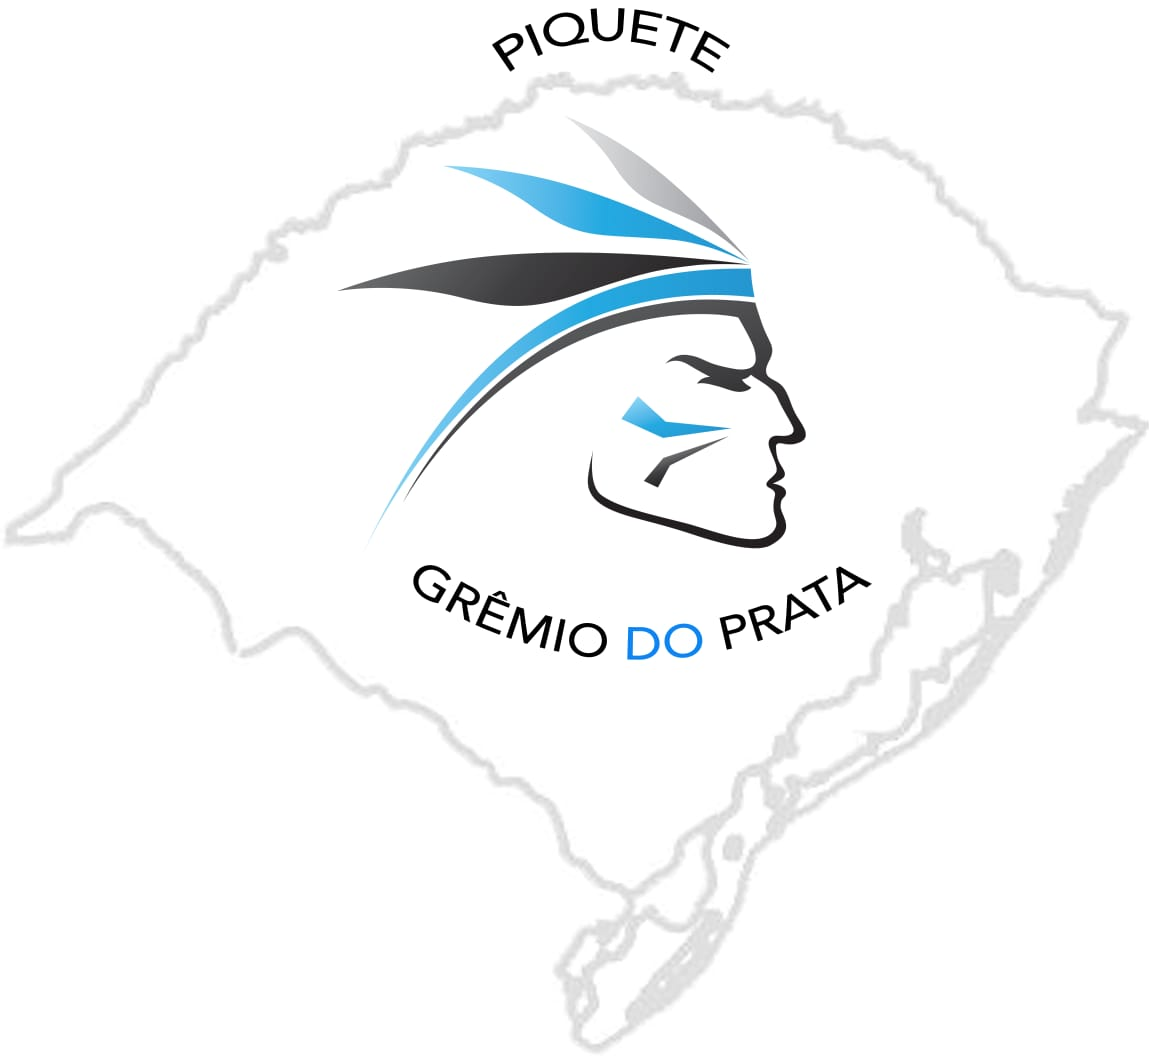 52fe4a0f8c696 VISITE O PIQUETE GRÊMIO DO PRATA NO PARQUE HARMONIA